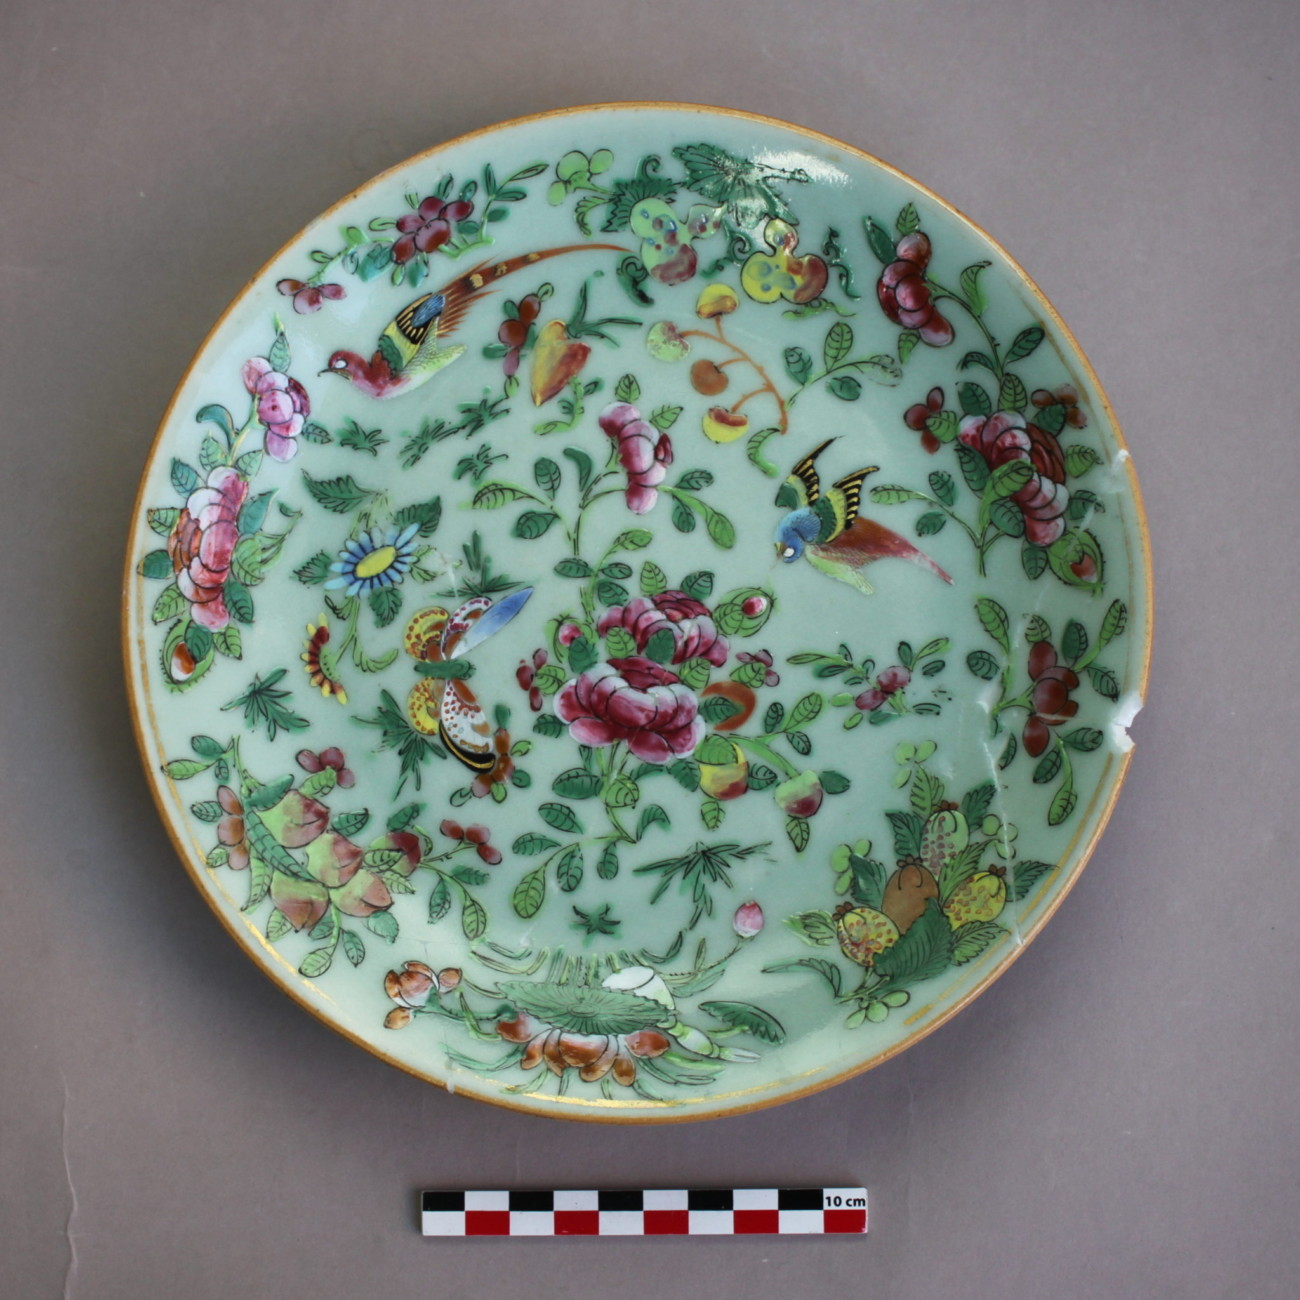 Assiette en porcelaine de Chine, 19ème (?), famille rose